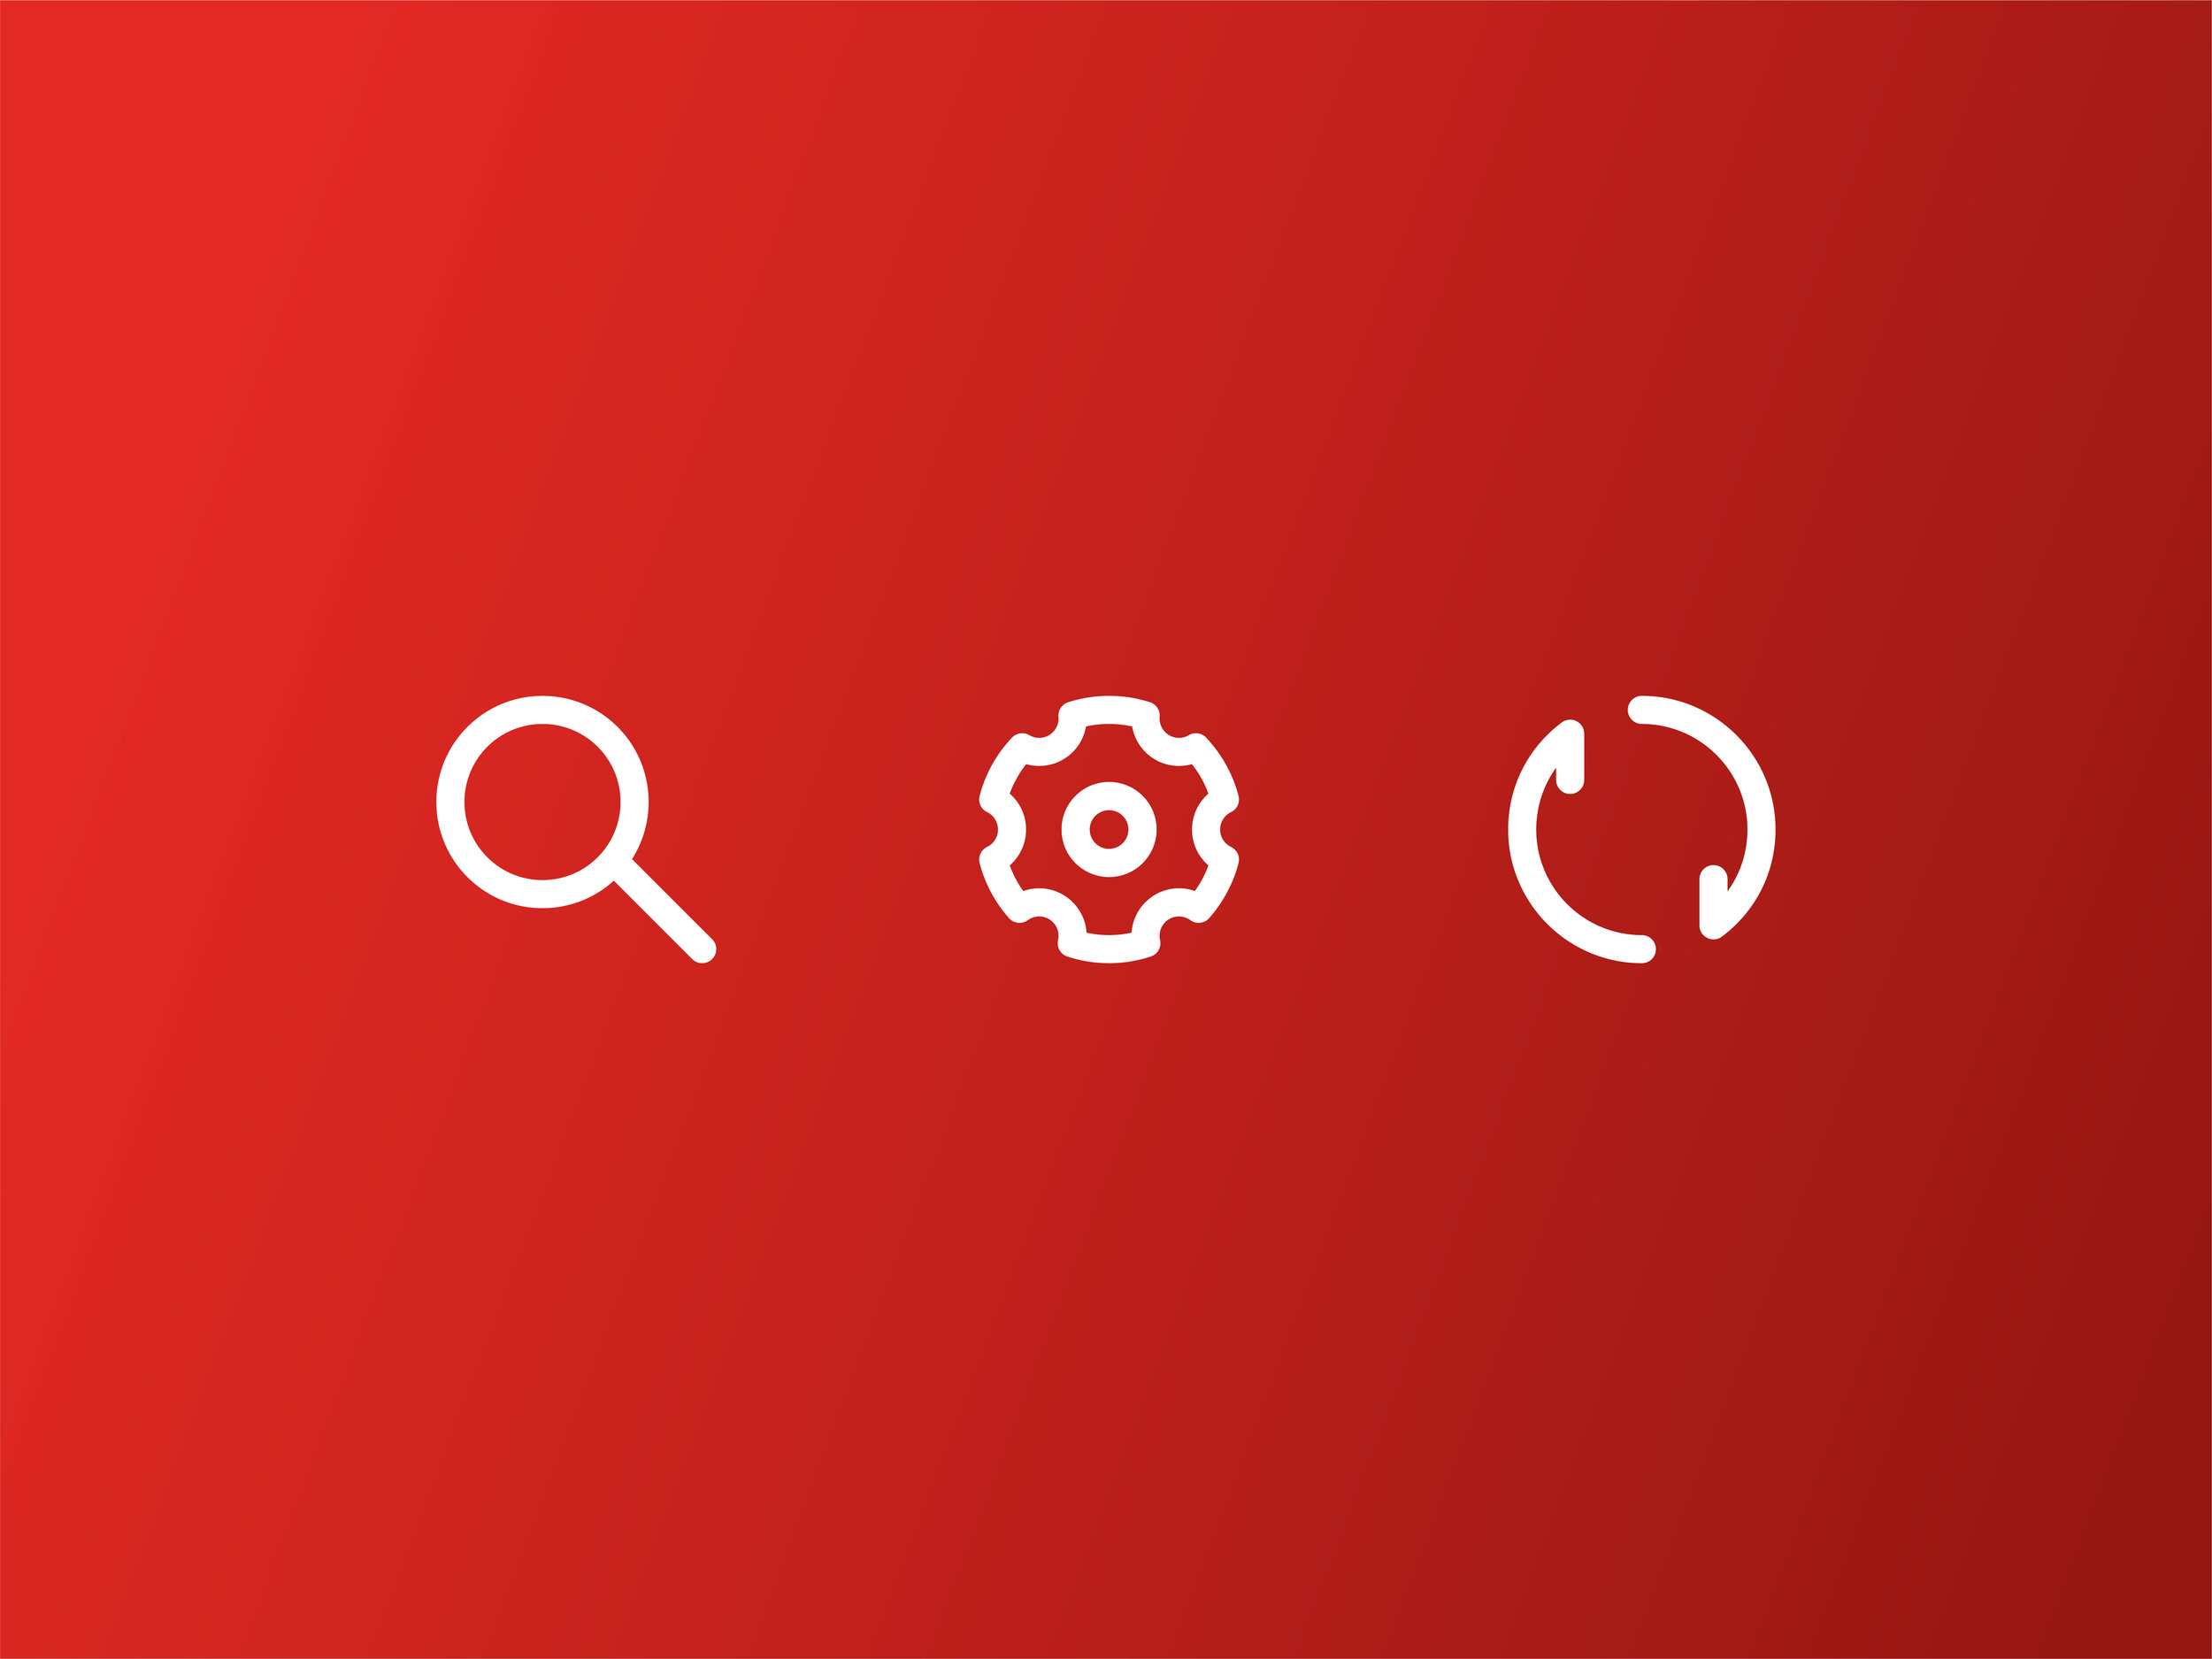 axiom-icons-01.jpg